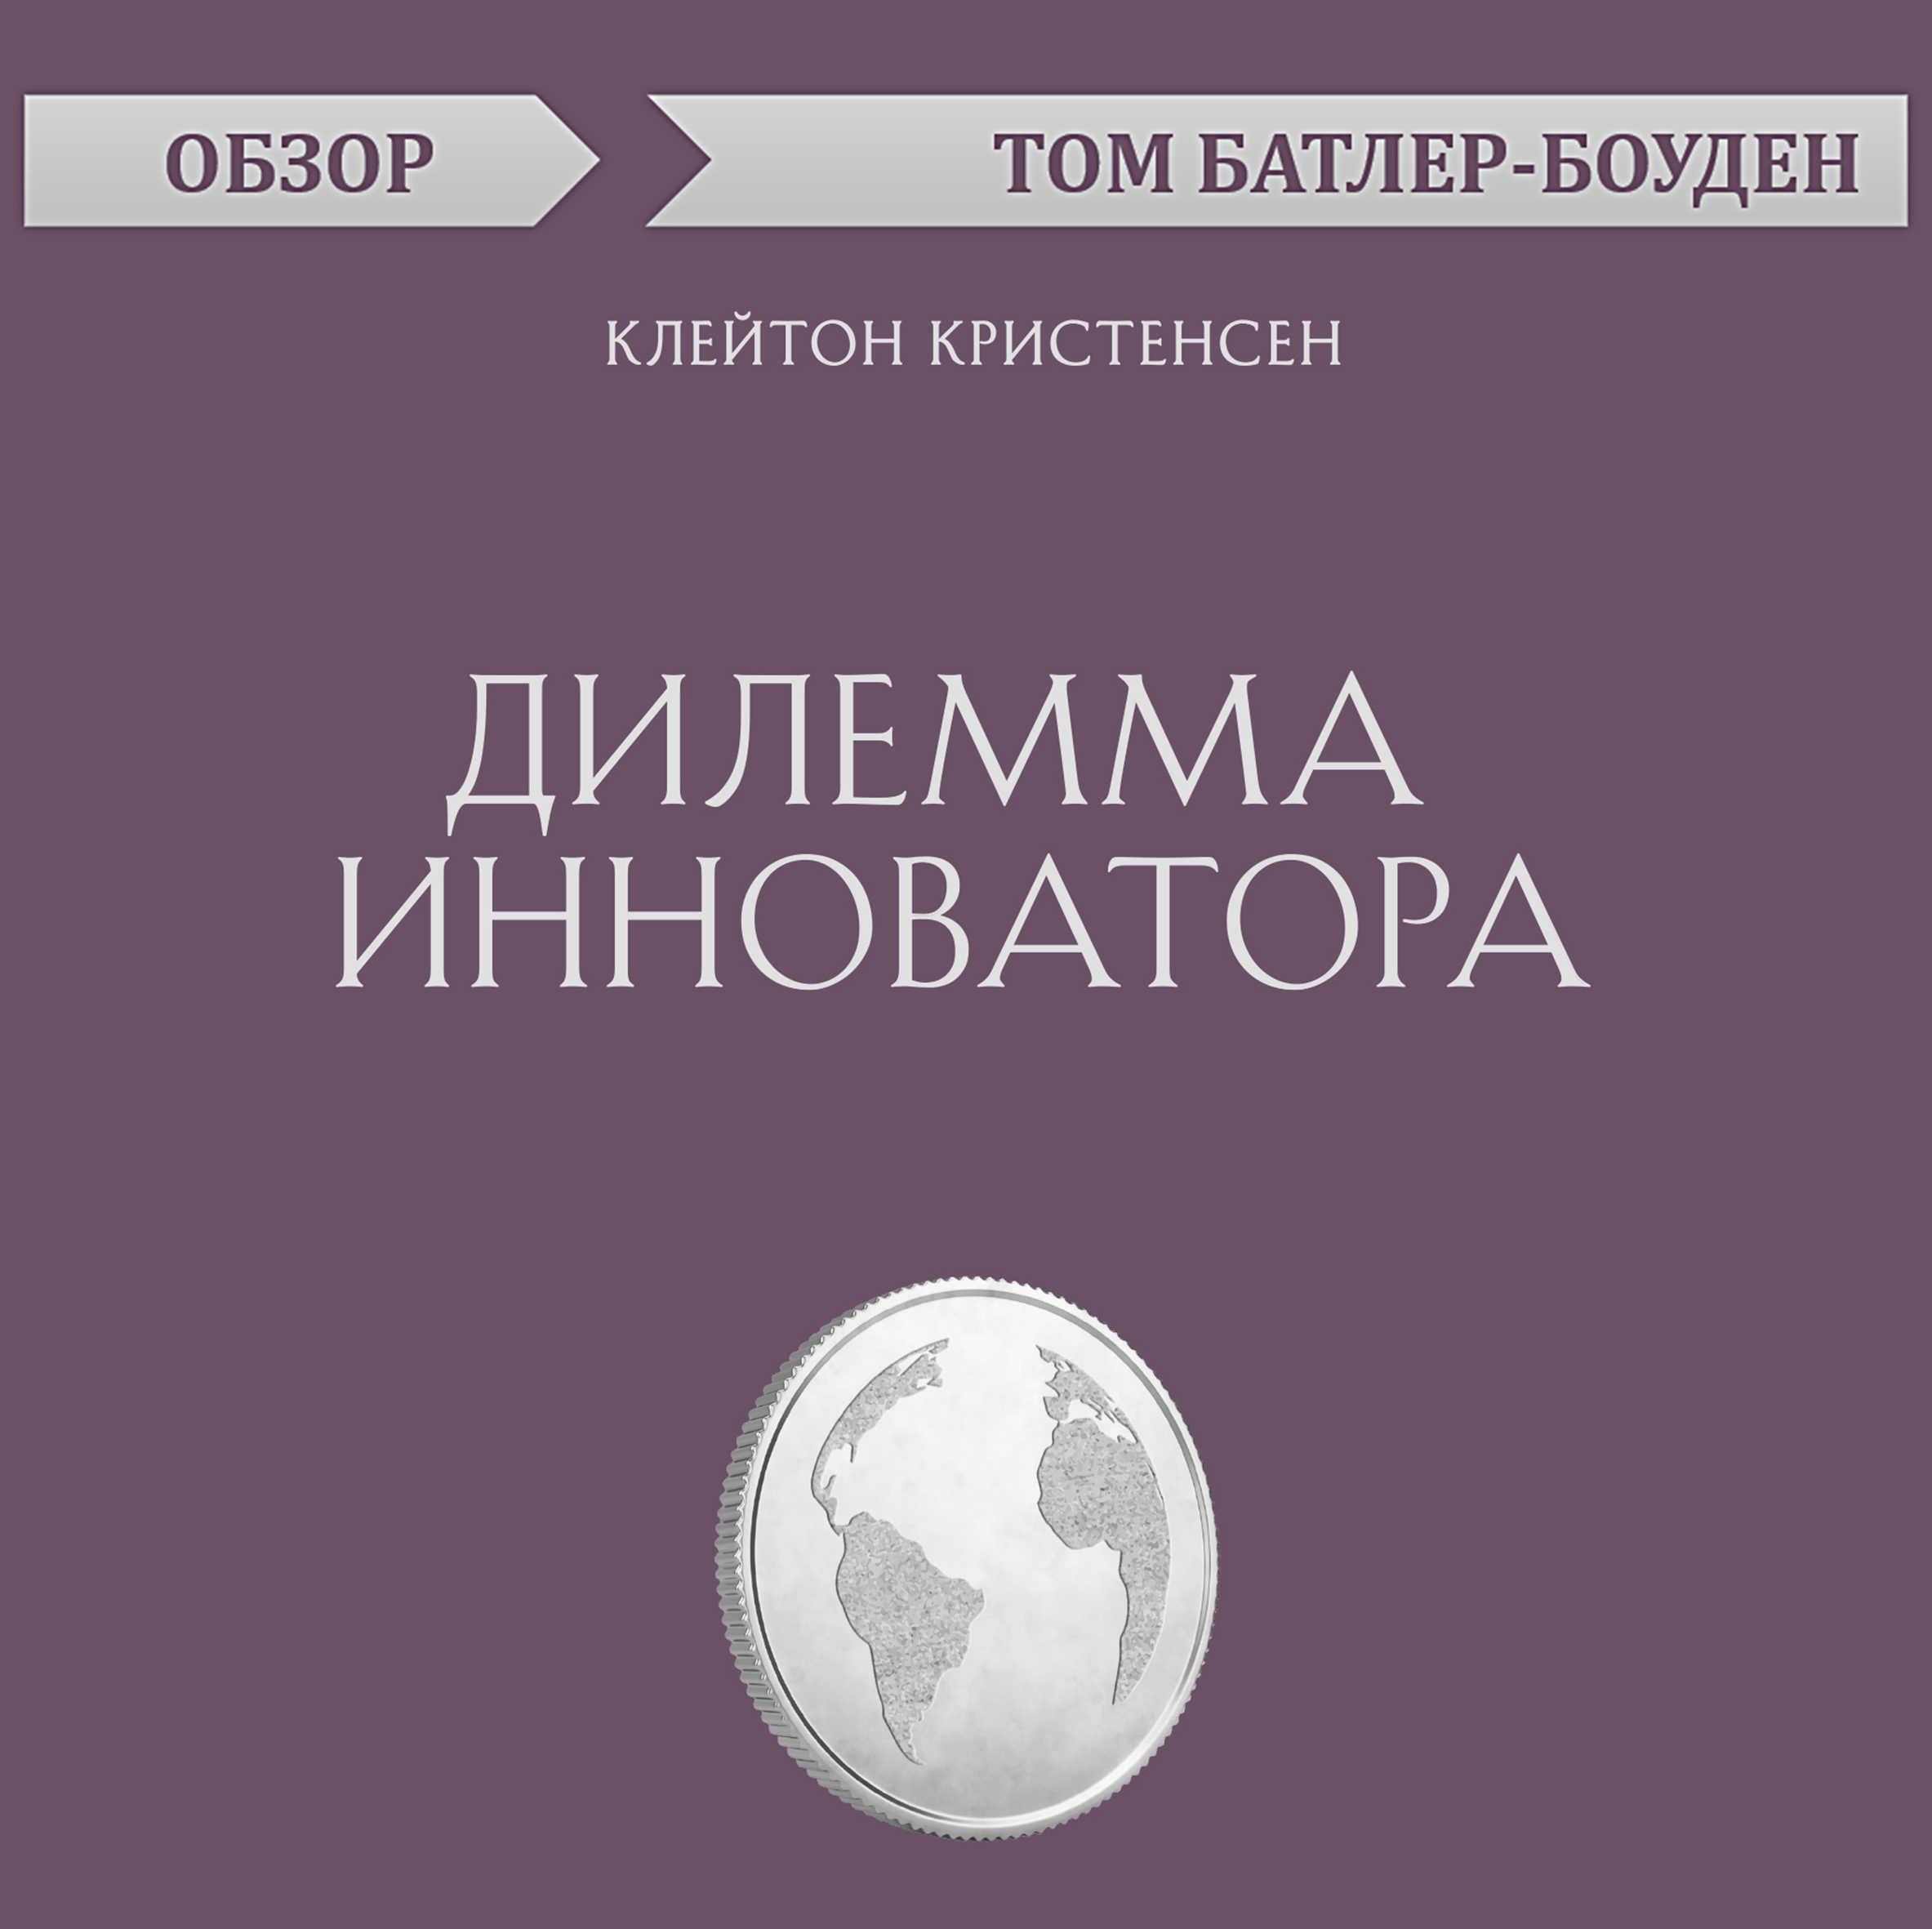 Купить книгу Дилемма инноватора. Клейтон Кристенсен (обзор), автора Тома Батлера-Боудона